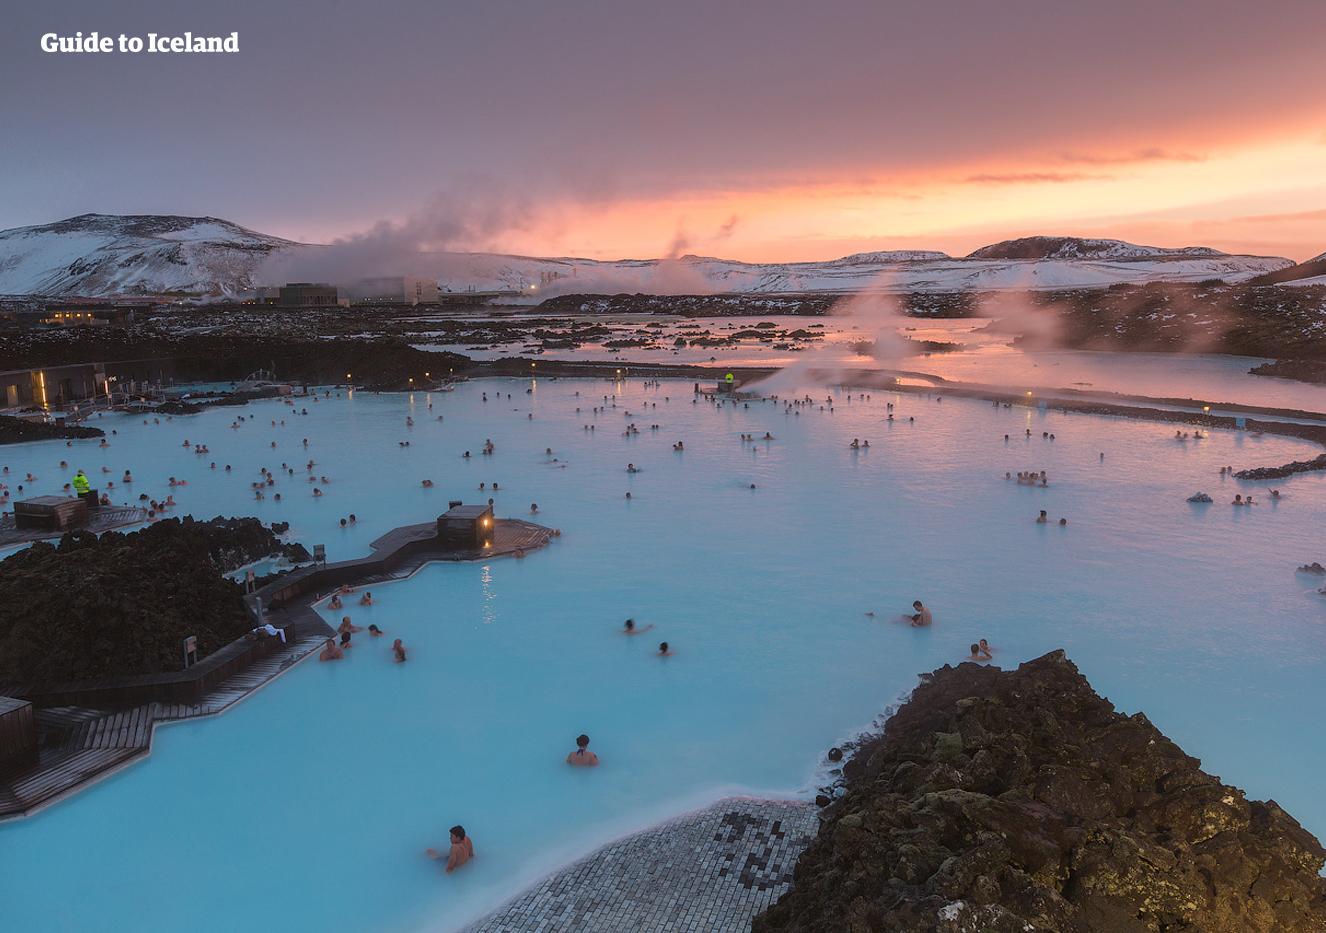 Le spa Blue Lagoon est un endroit très prisé en Islande